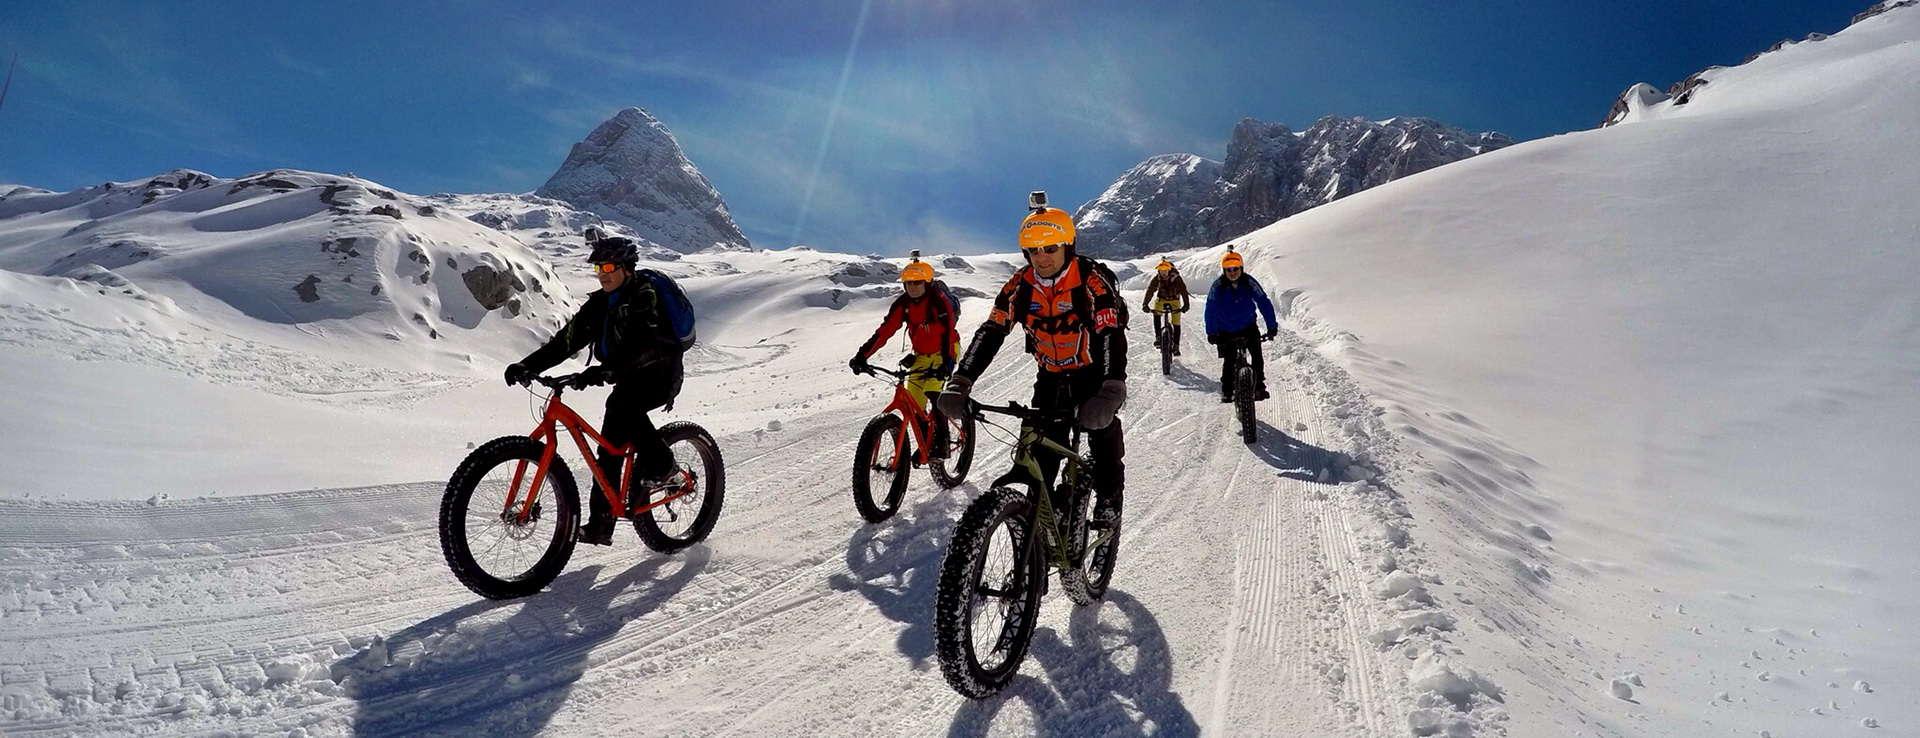 Skidresa skidsemester i Österrike